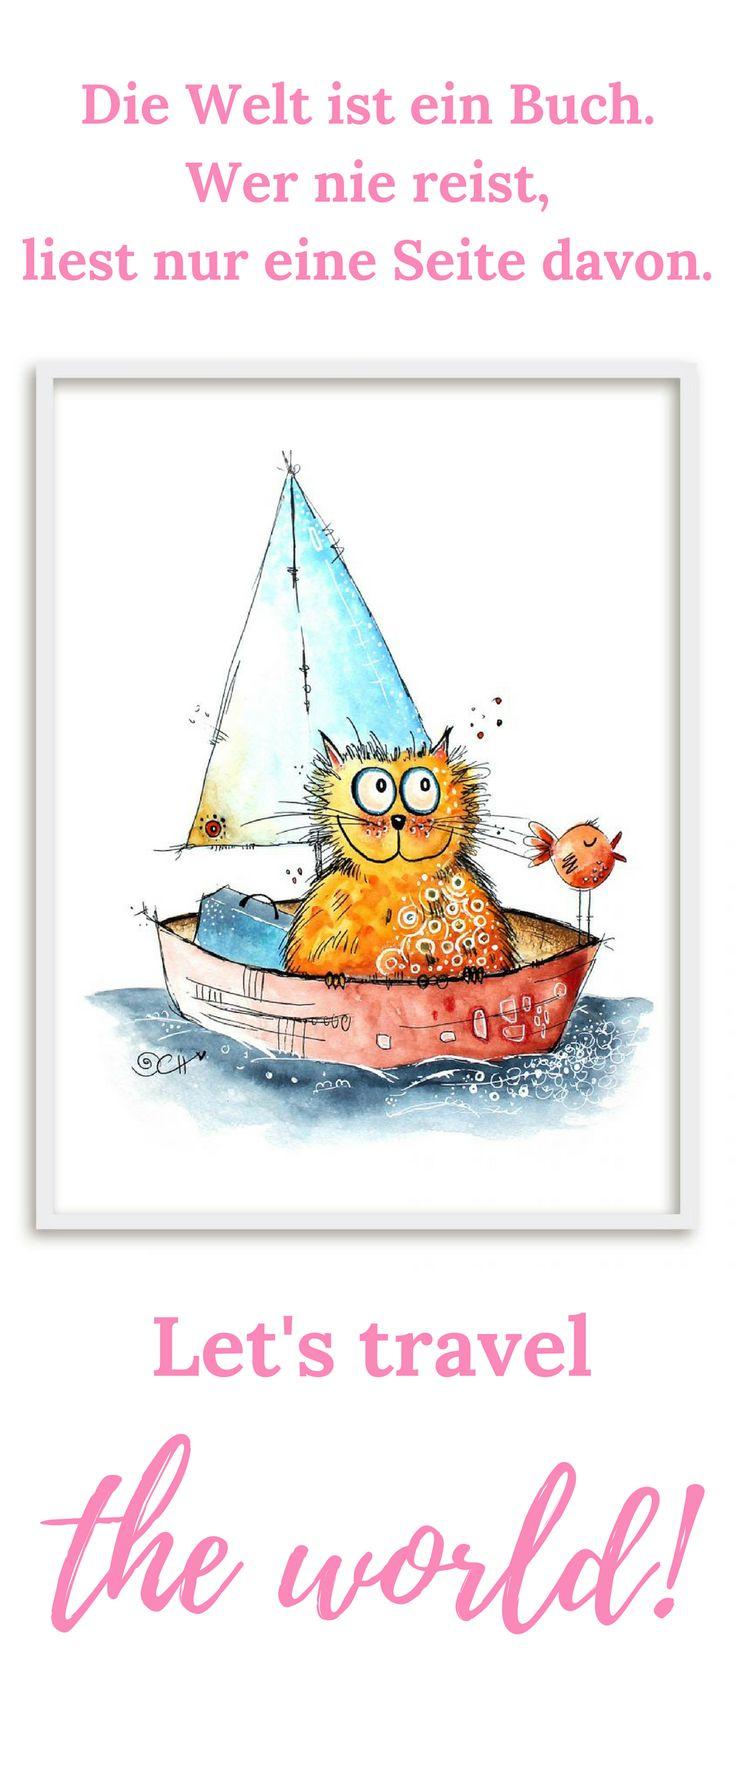 """Katze auf Reisen #kunst #wanddekoration #Katze #Kinderzimmer #Poster Das Poster mit der Illustration """"Auf Reisen"""" von Clarissa Hagenmeyer im Bilderrahmen ist ein echter Hingucker im Kinderzimmer. Die kleine Katze mit ihrem Koffer im Segelboot macht sich auf in ein großes Abenteuer! Diese Wanddekoration und viele weitere Motive von Clarissa Hagenmeyer findest du im Shop von wall-art.de"""